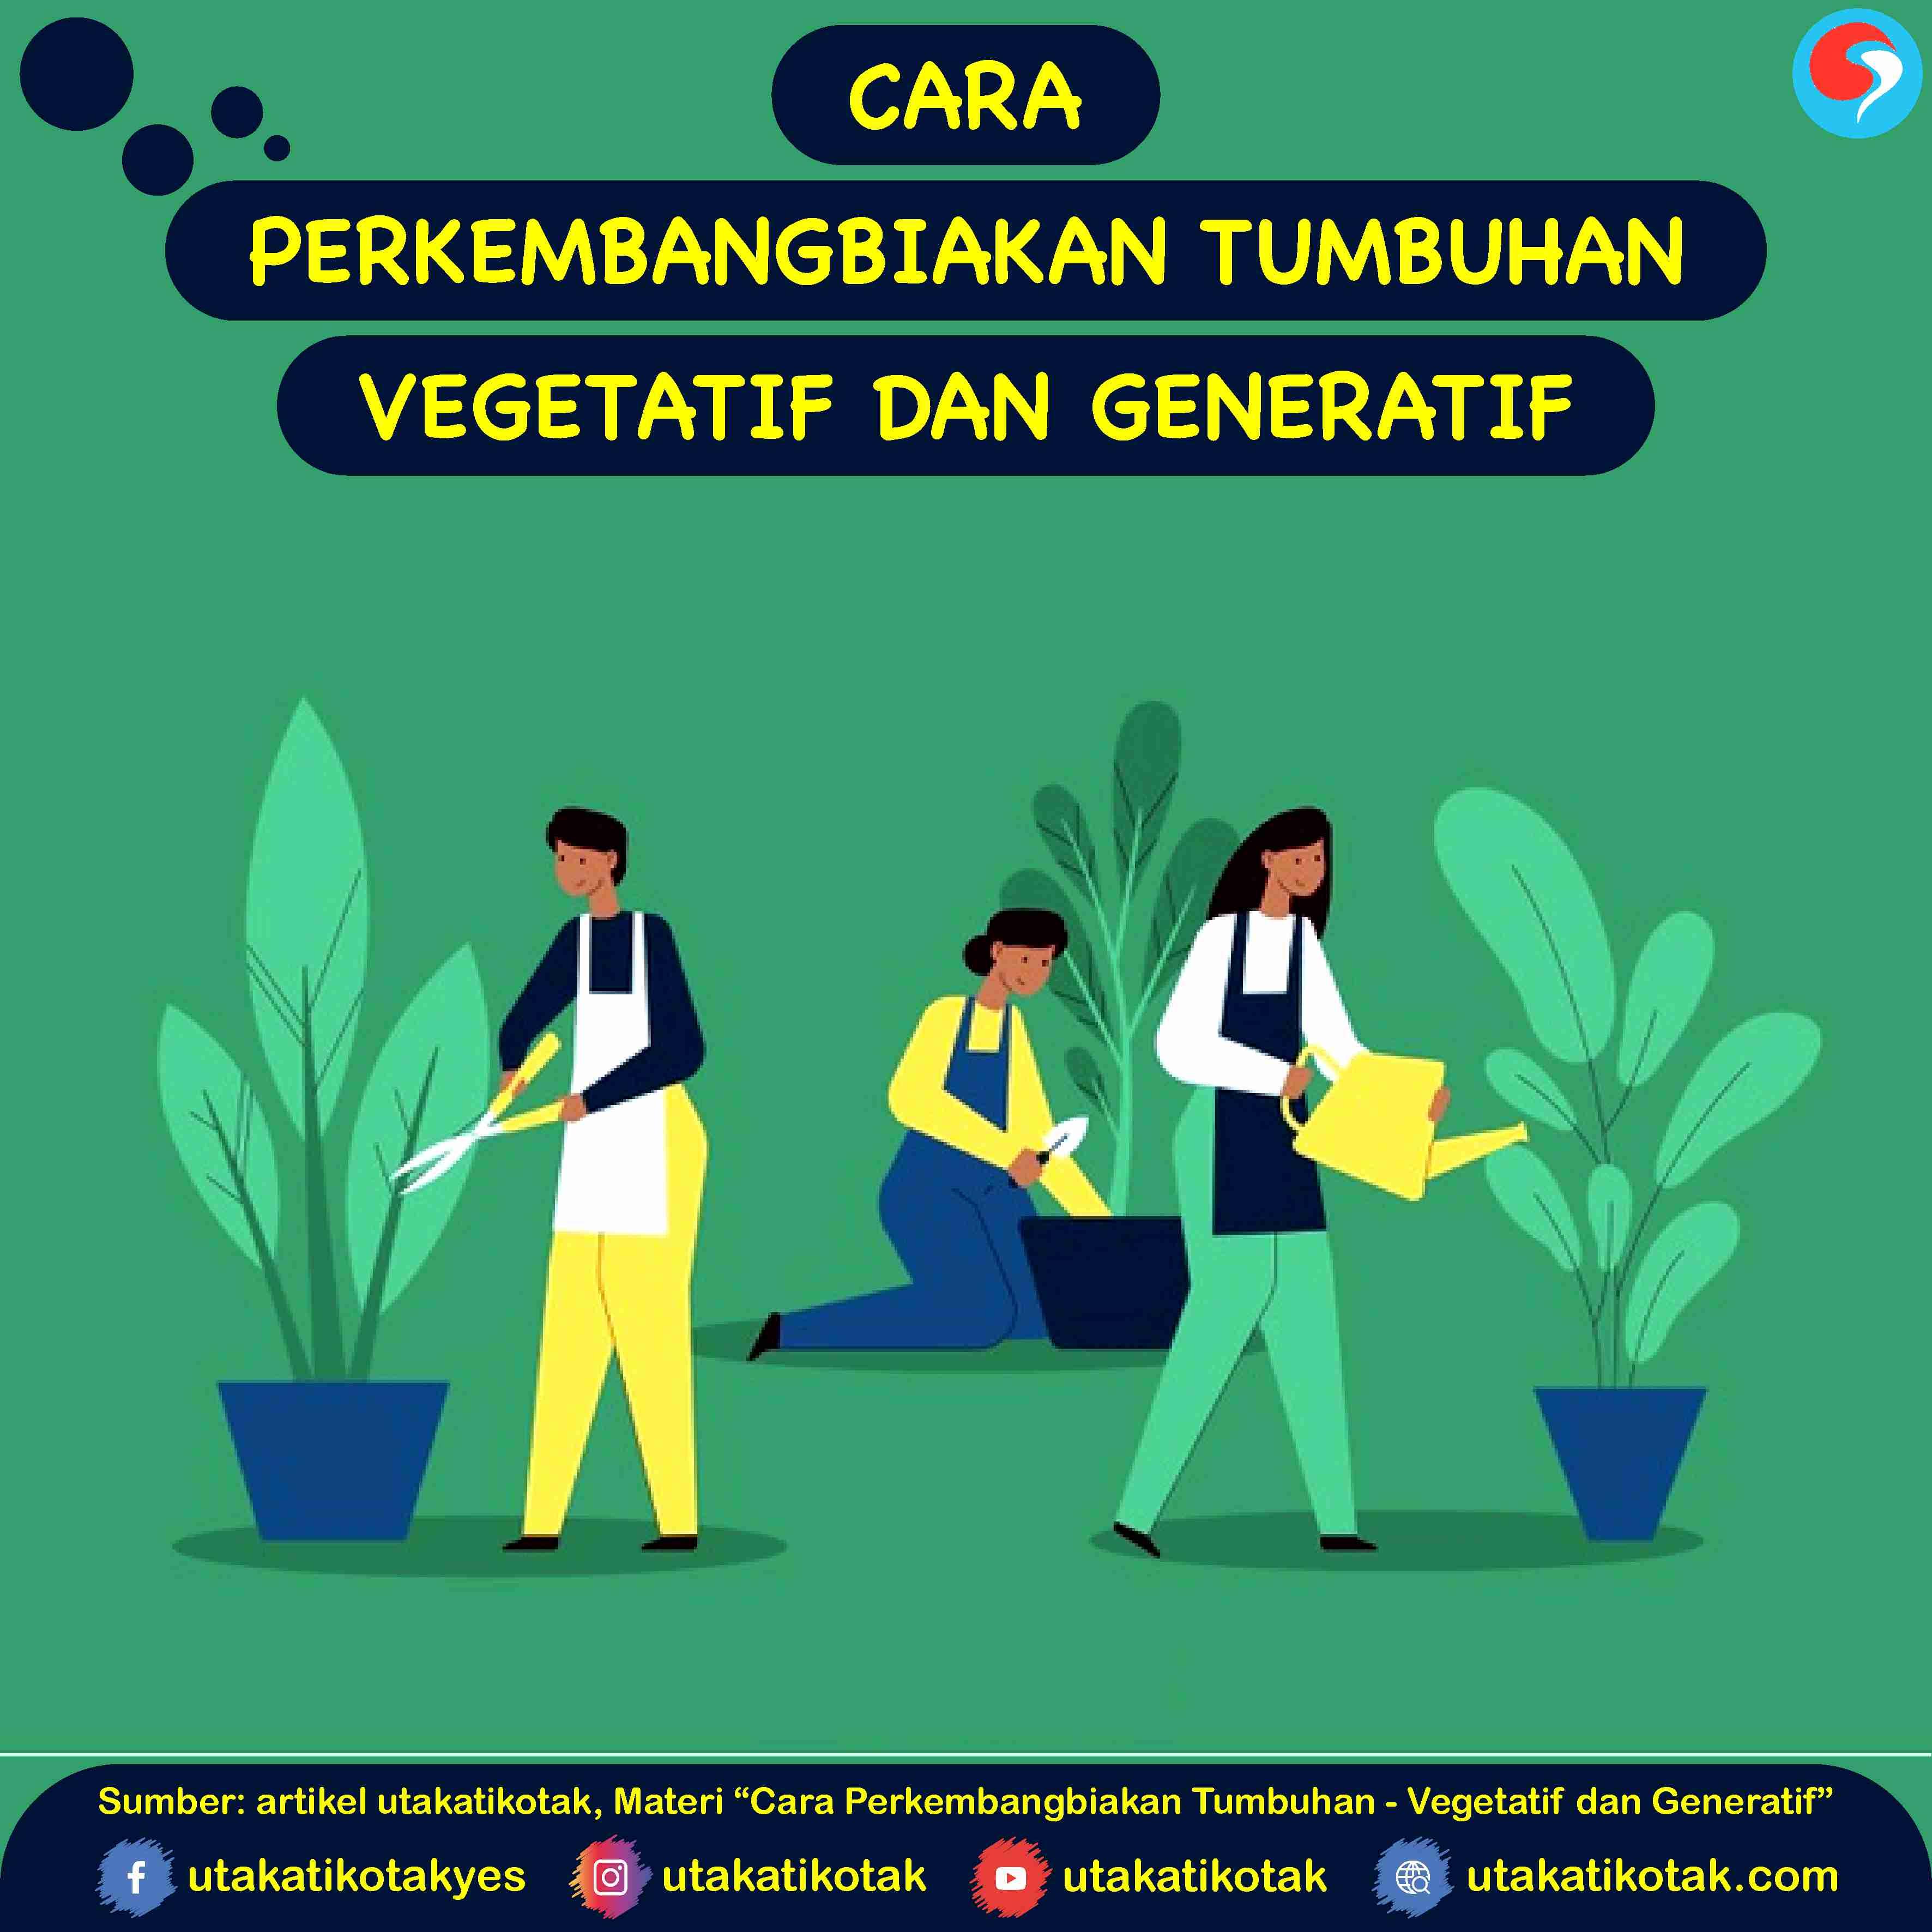 Cara Perkembangbiakan Tumbuhan Vegetatif Dan Generatif